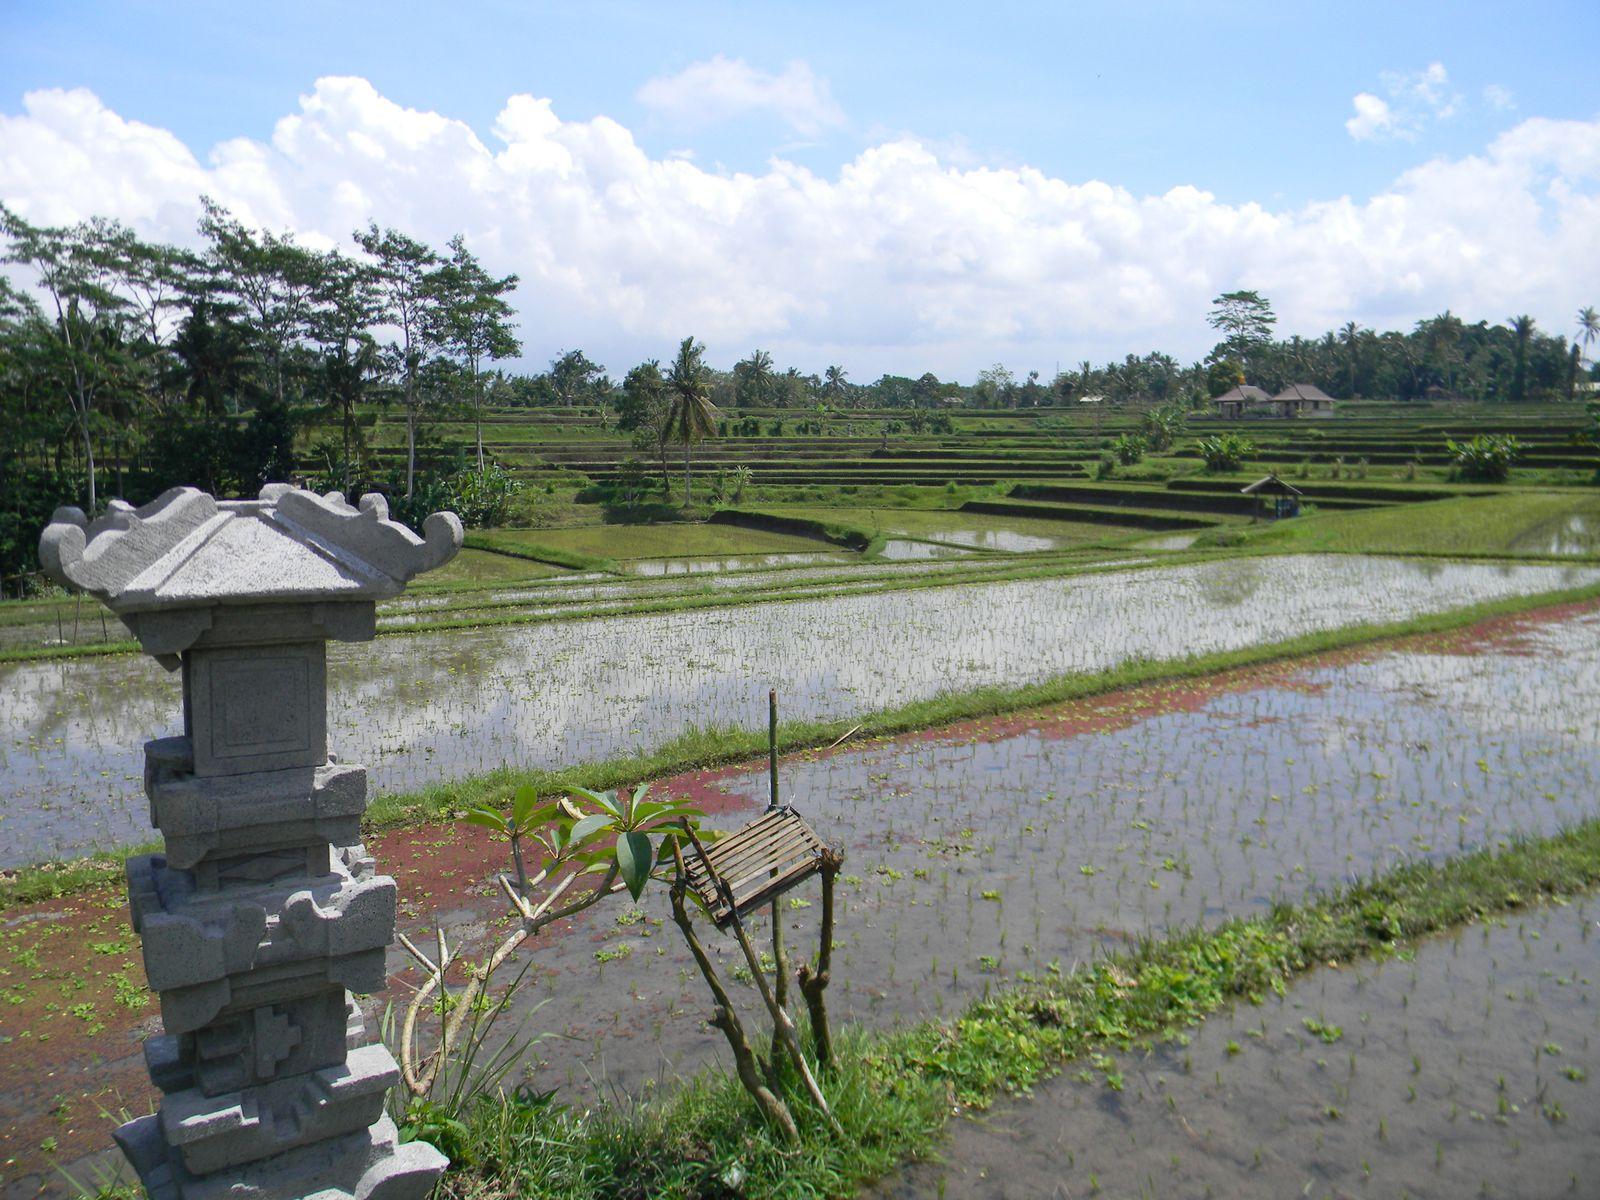 Notre promenade dans les rizières d'Ubud.